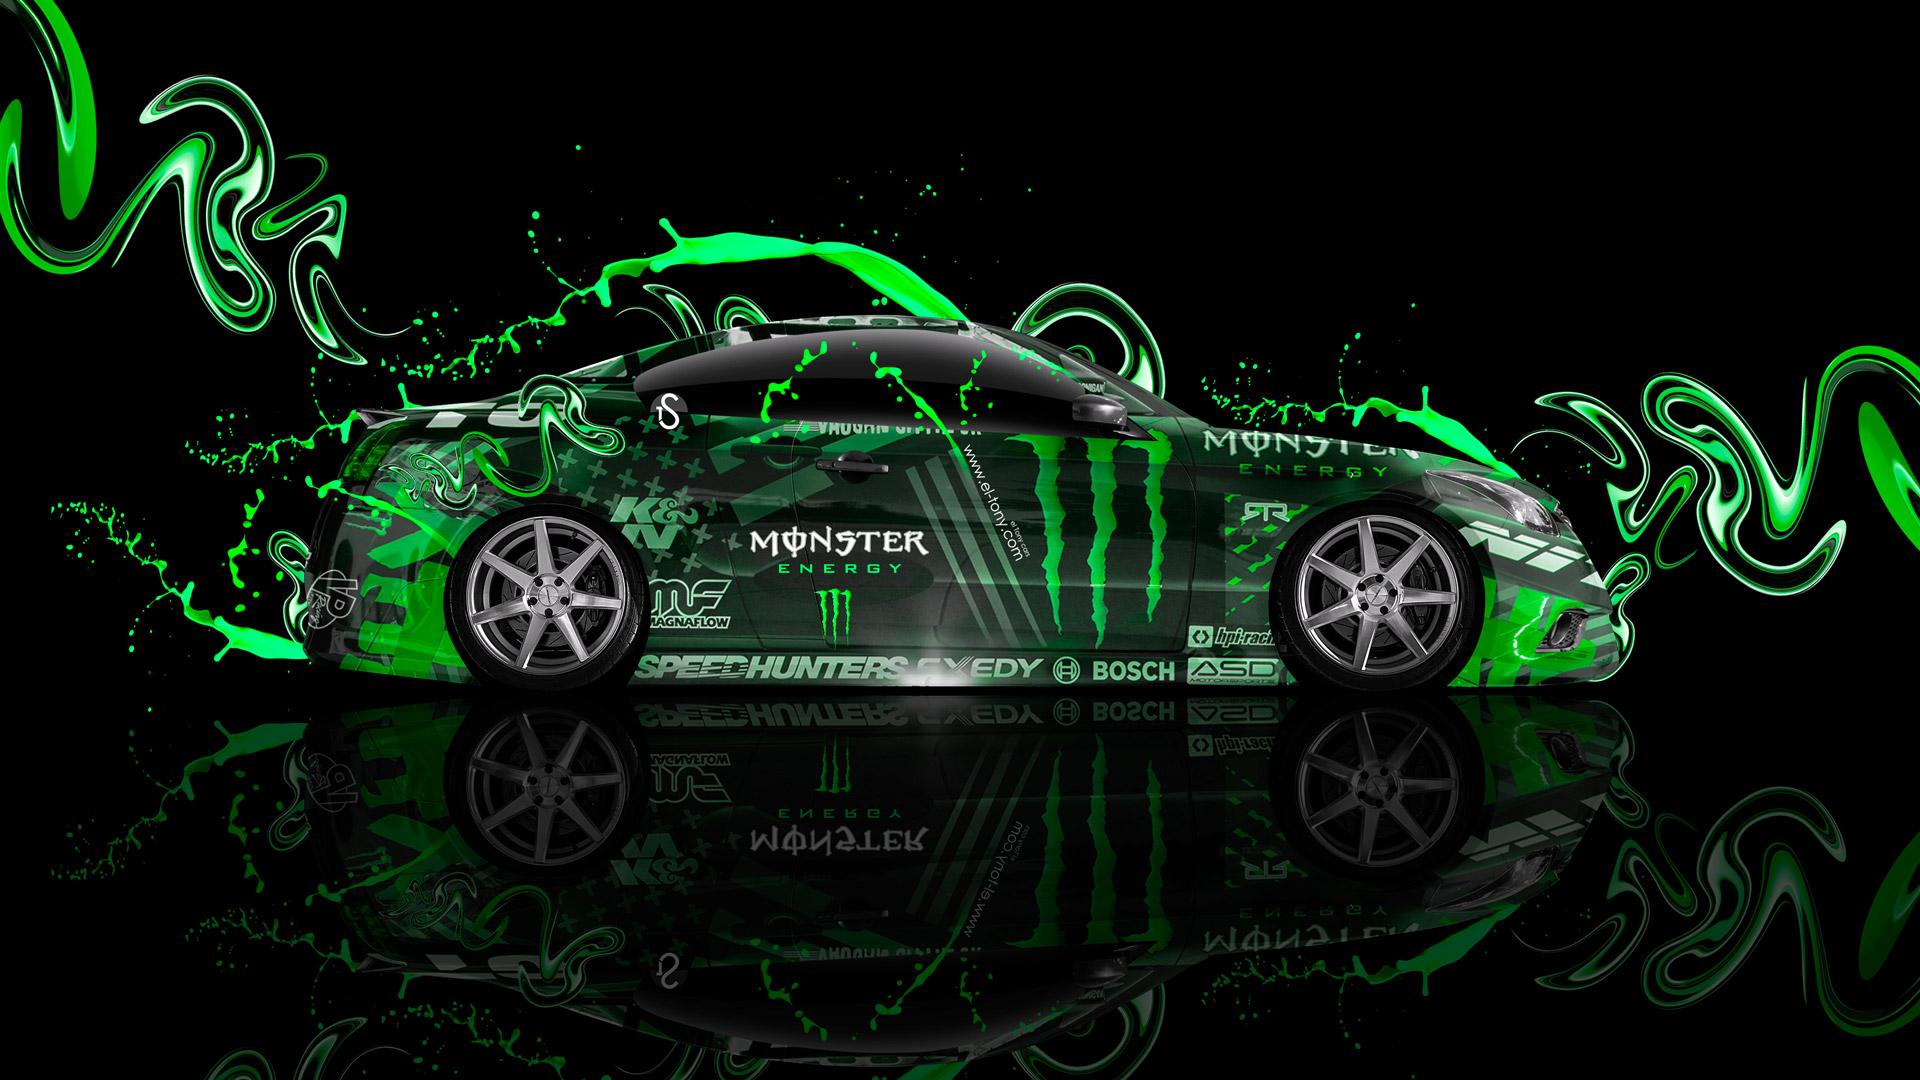 Monster Energy Wallpaper Car - WallpaperSafari